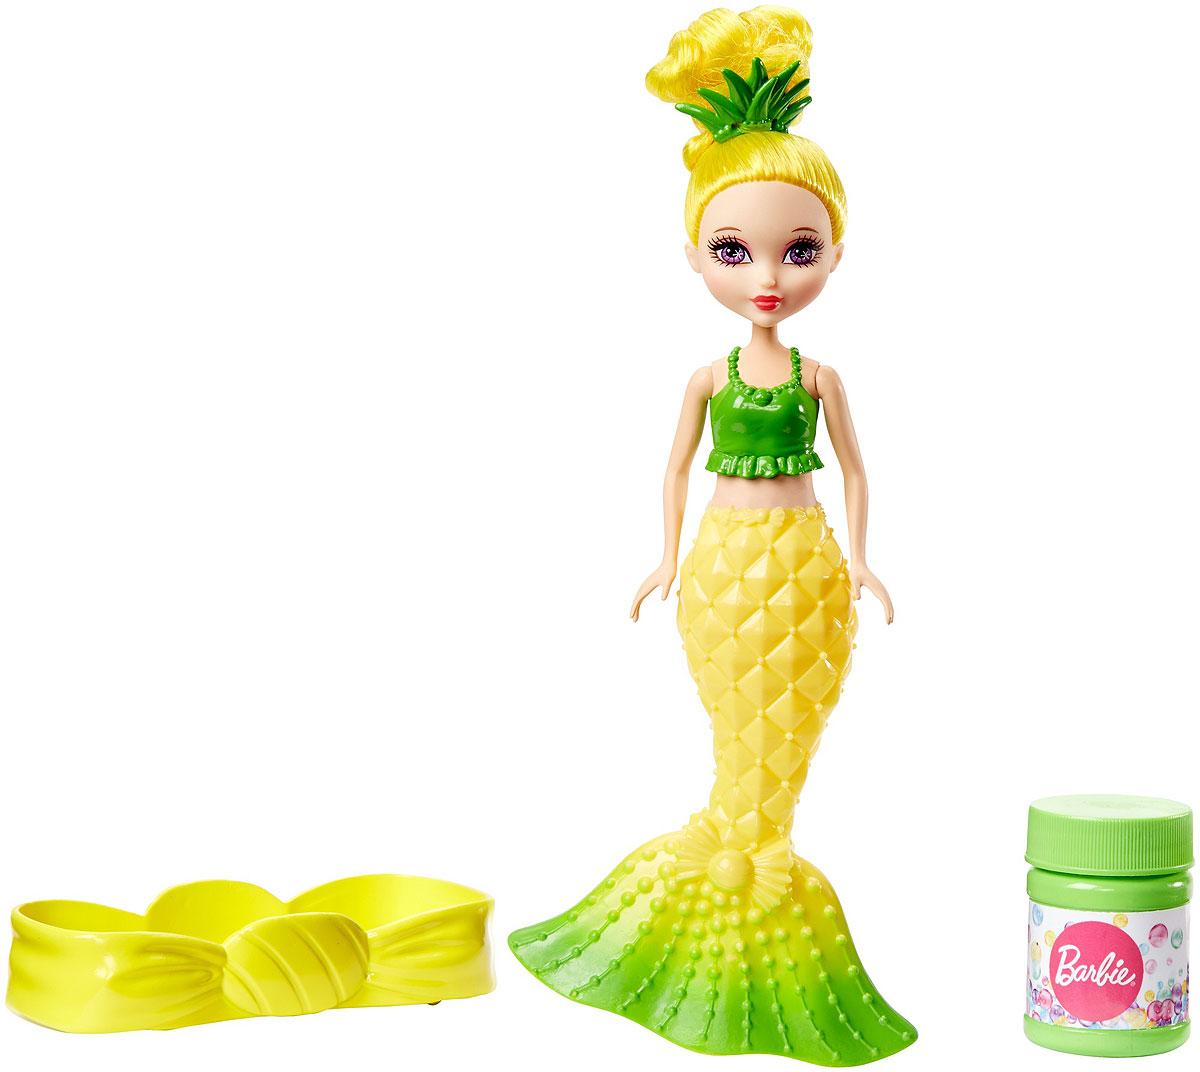 Barbie Мини-кукла Русалочка Ананас с мыльными пузырьками кукла barbie мини русалочка розовая cjd19